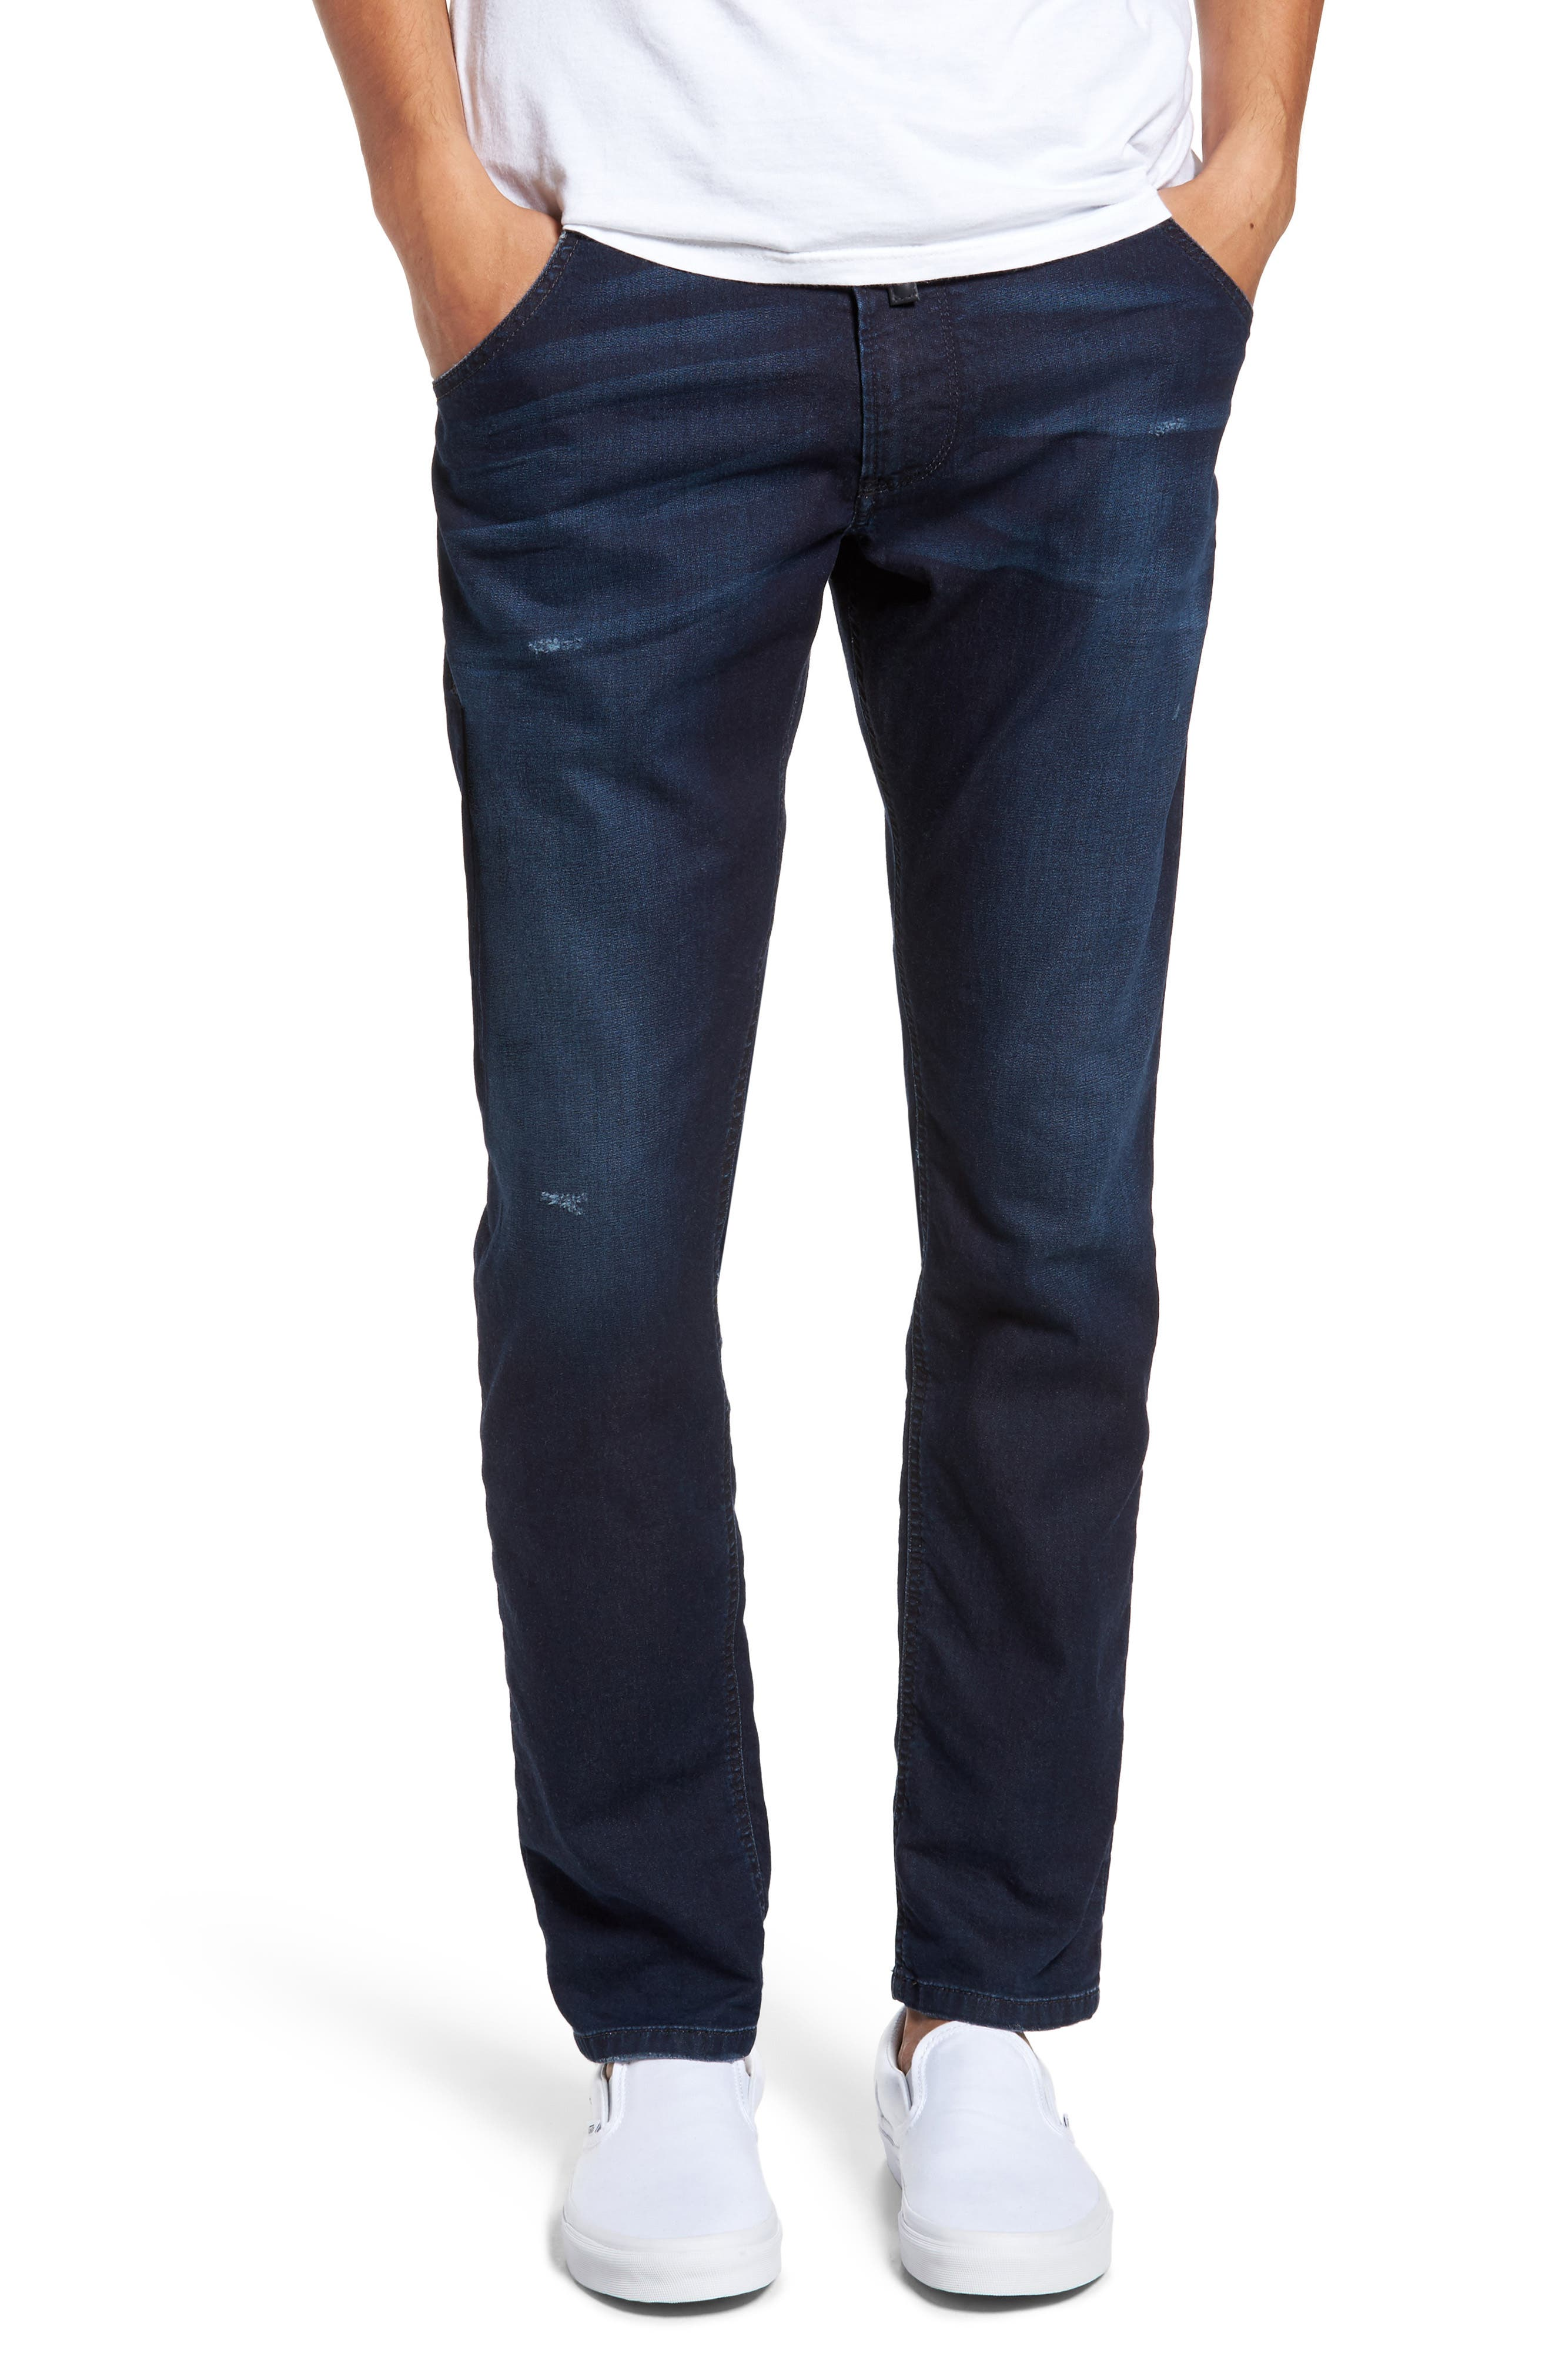 Alternate Image 1 Selected - DIESEL® Krooley Slouchy Skinny Jeans